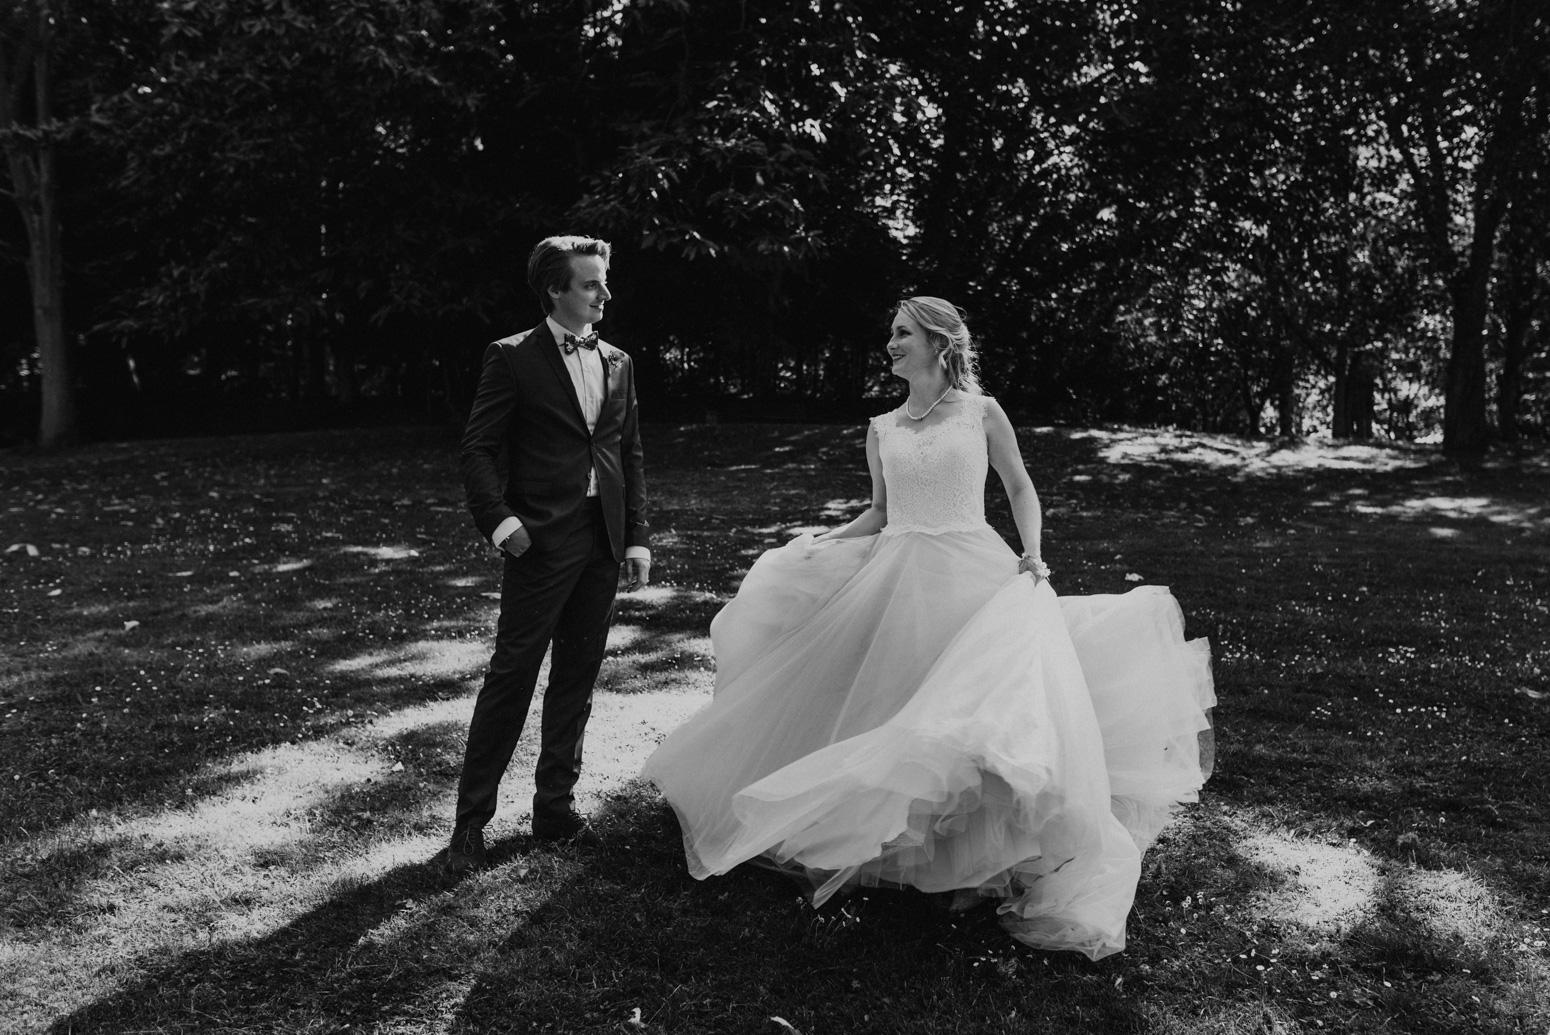 Brautpaarshooting im Redoutenpark in Bad Godesberg. Hochzeitsfotografin Daria Becker von Genuine Bonds aus Köln